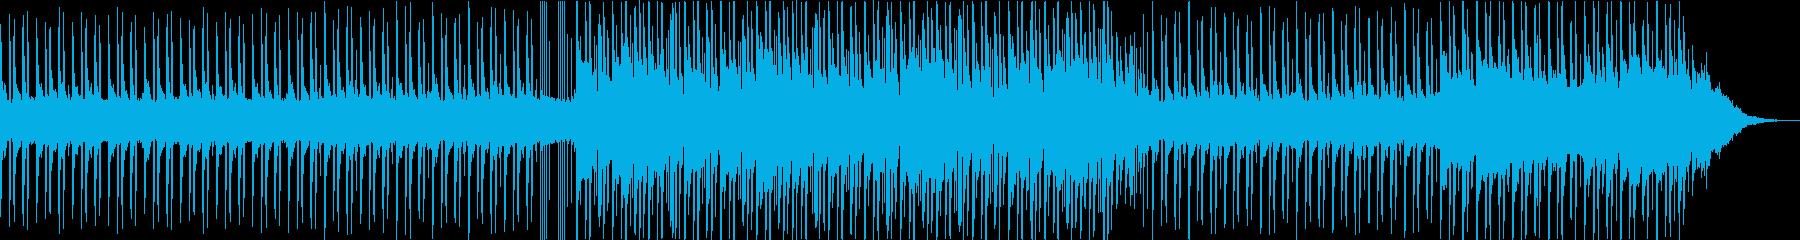 ☆幻想的空間☆を演出するBGMの再生済みの波形